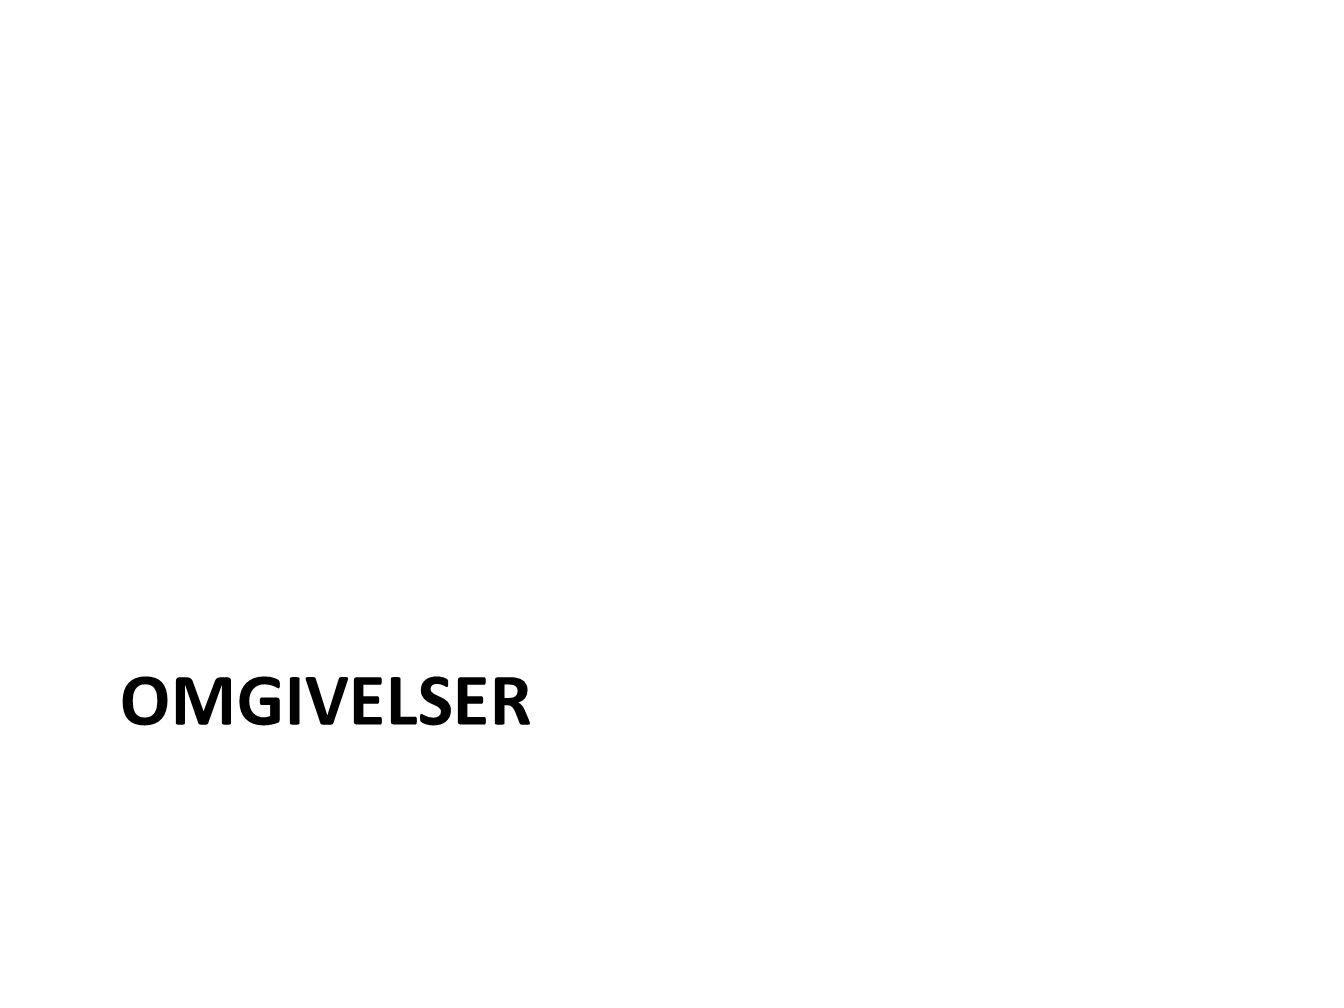 OMGIVELSER